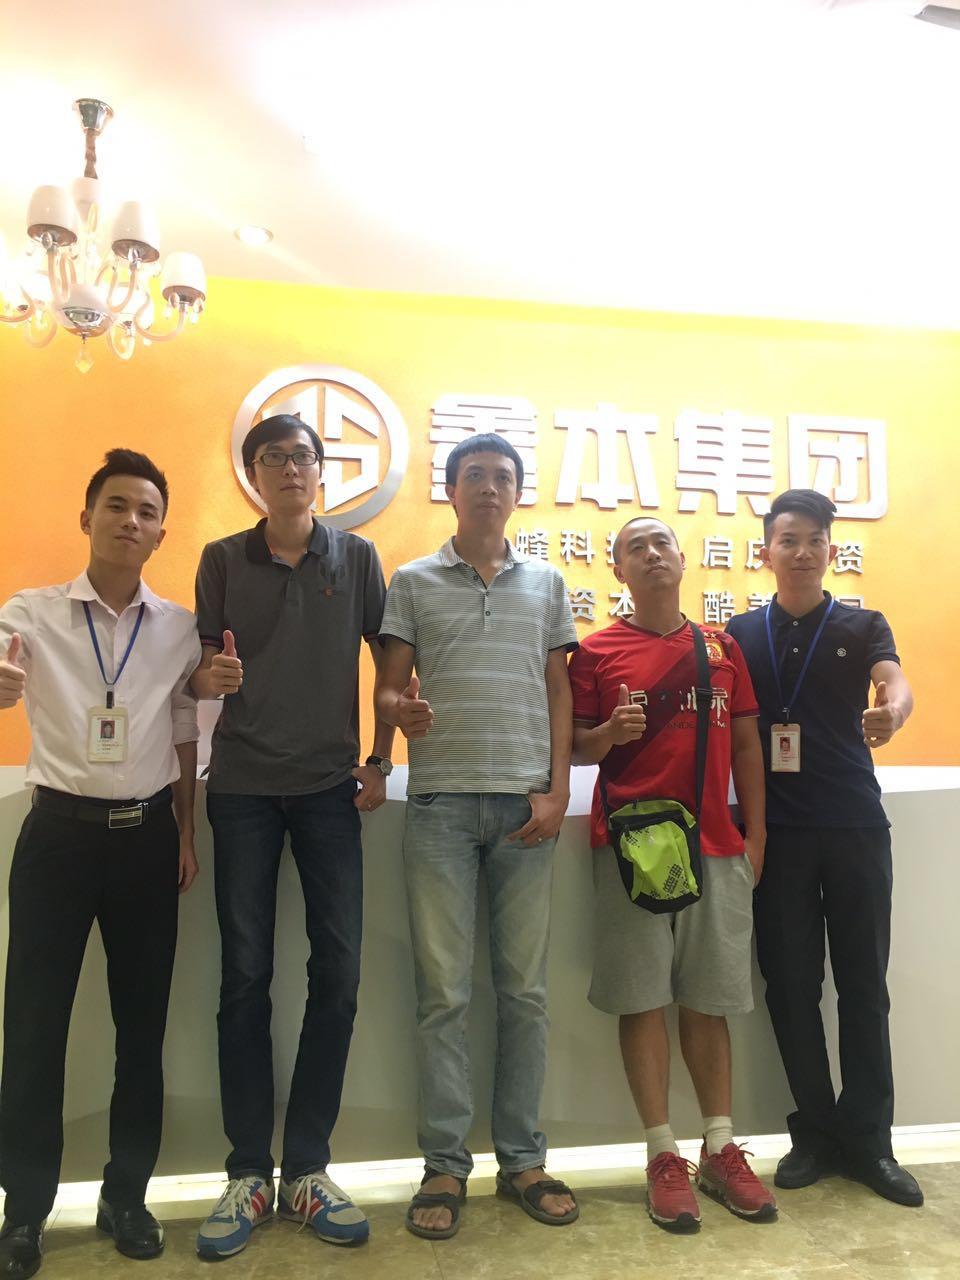 亚博-广州app公司酷蜂科技校园O2O项目签约报道